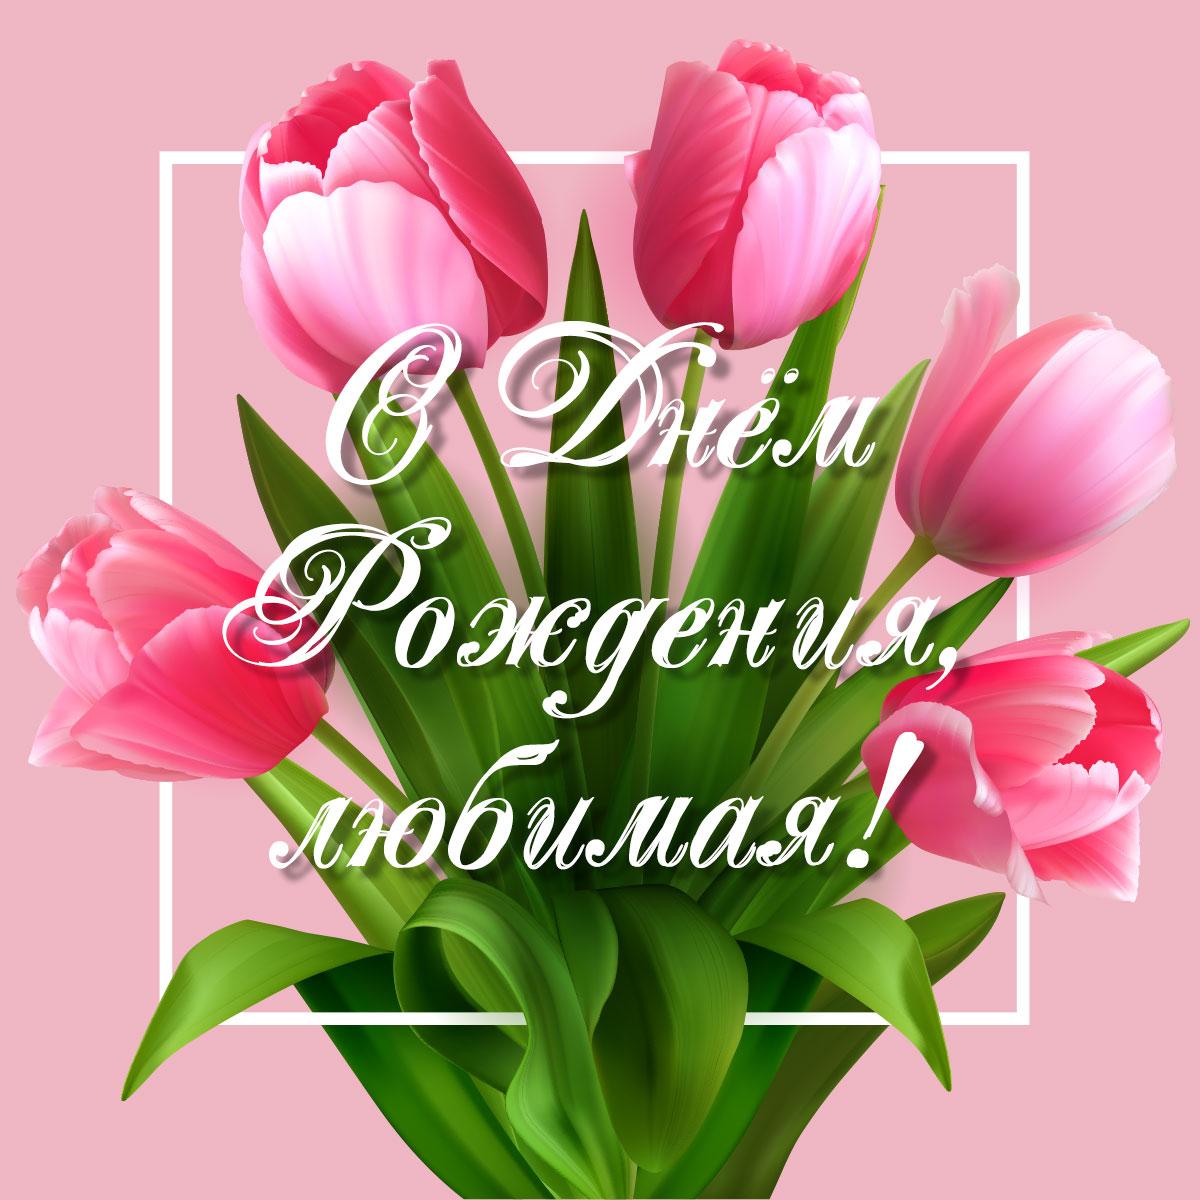 Картинка с текстом с днем рождения любимая на розовом фоне с букетом тюльпанов с зелёными стеблями и листьями.